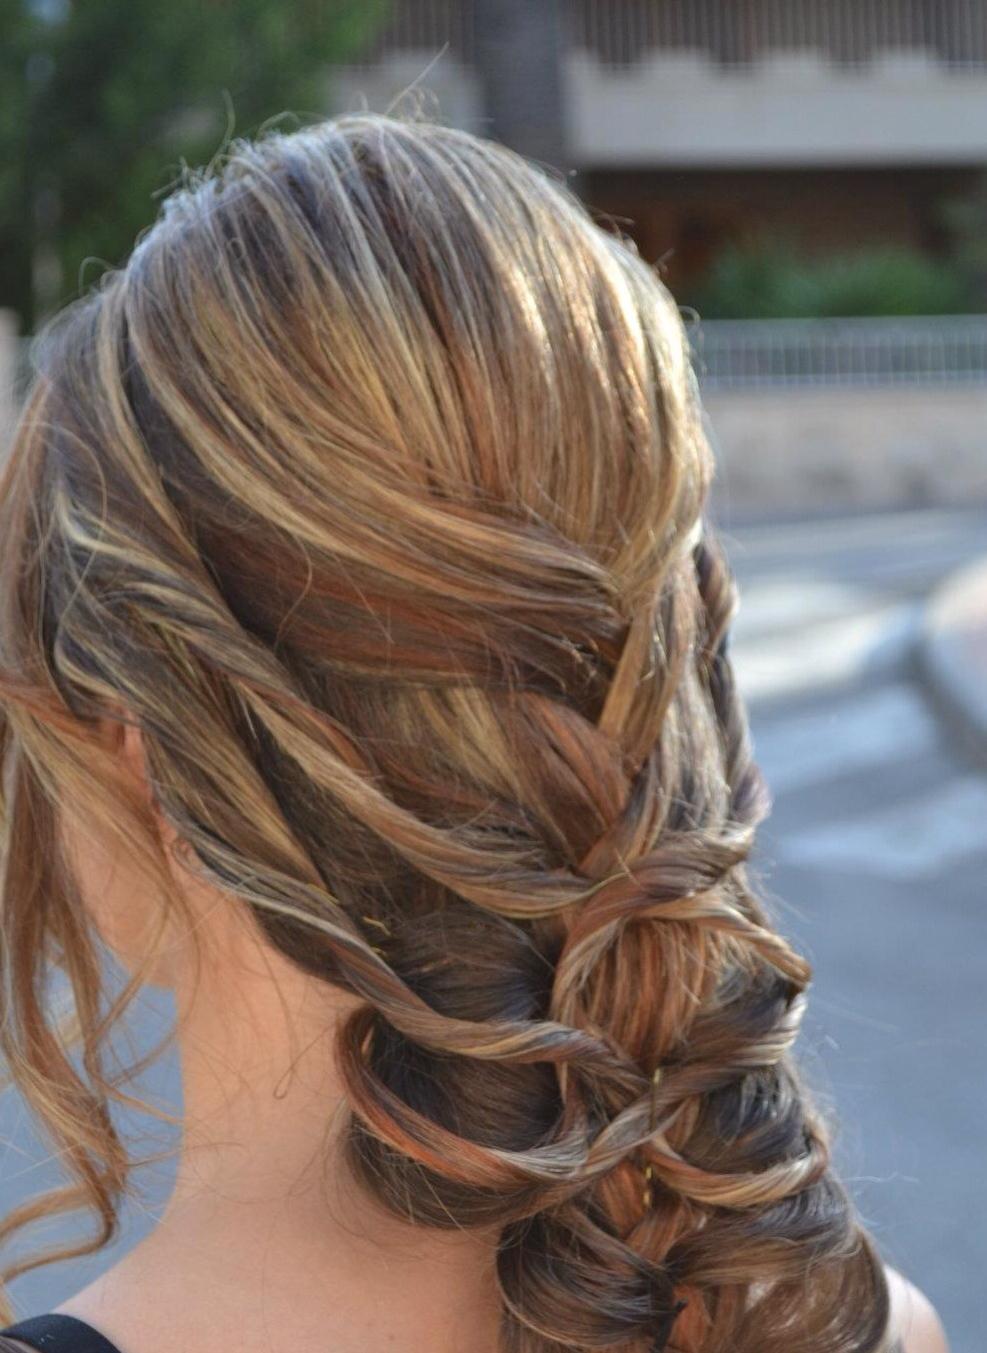 Fabuloso peinados para eventos Galería de cortes de pelo tutoriales - 18 recogidos y peinados para eventos y celebraciones ...